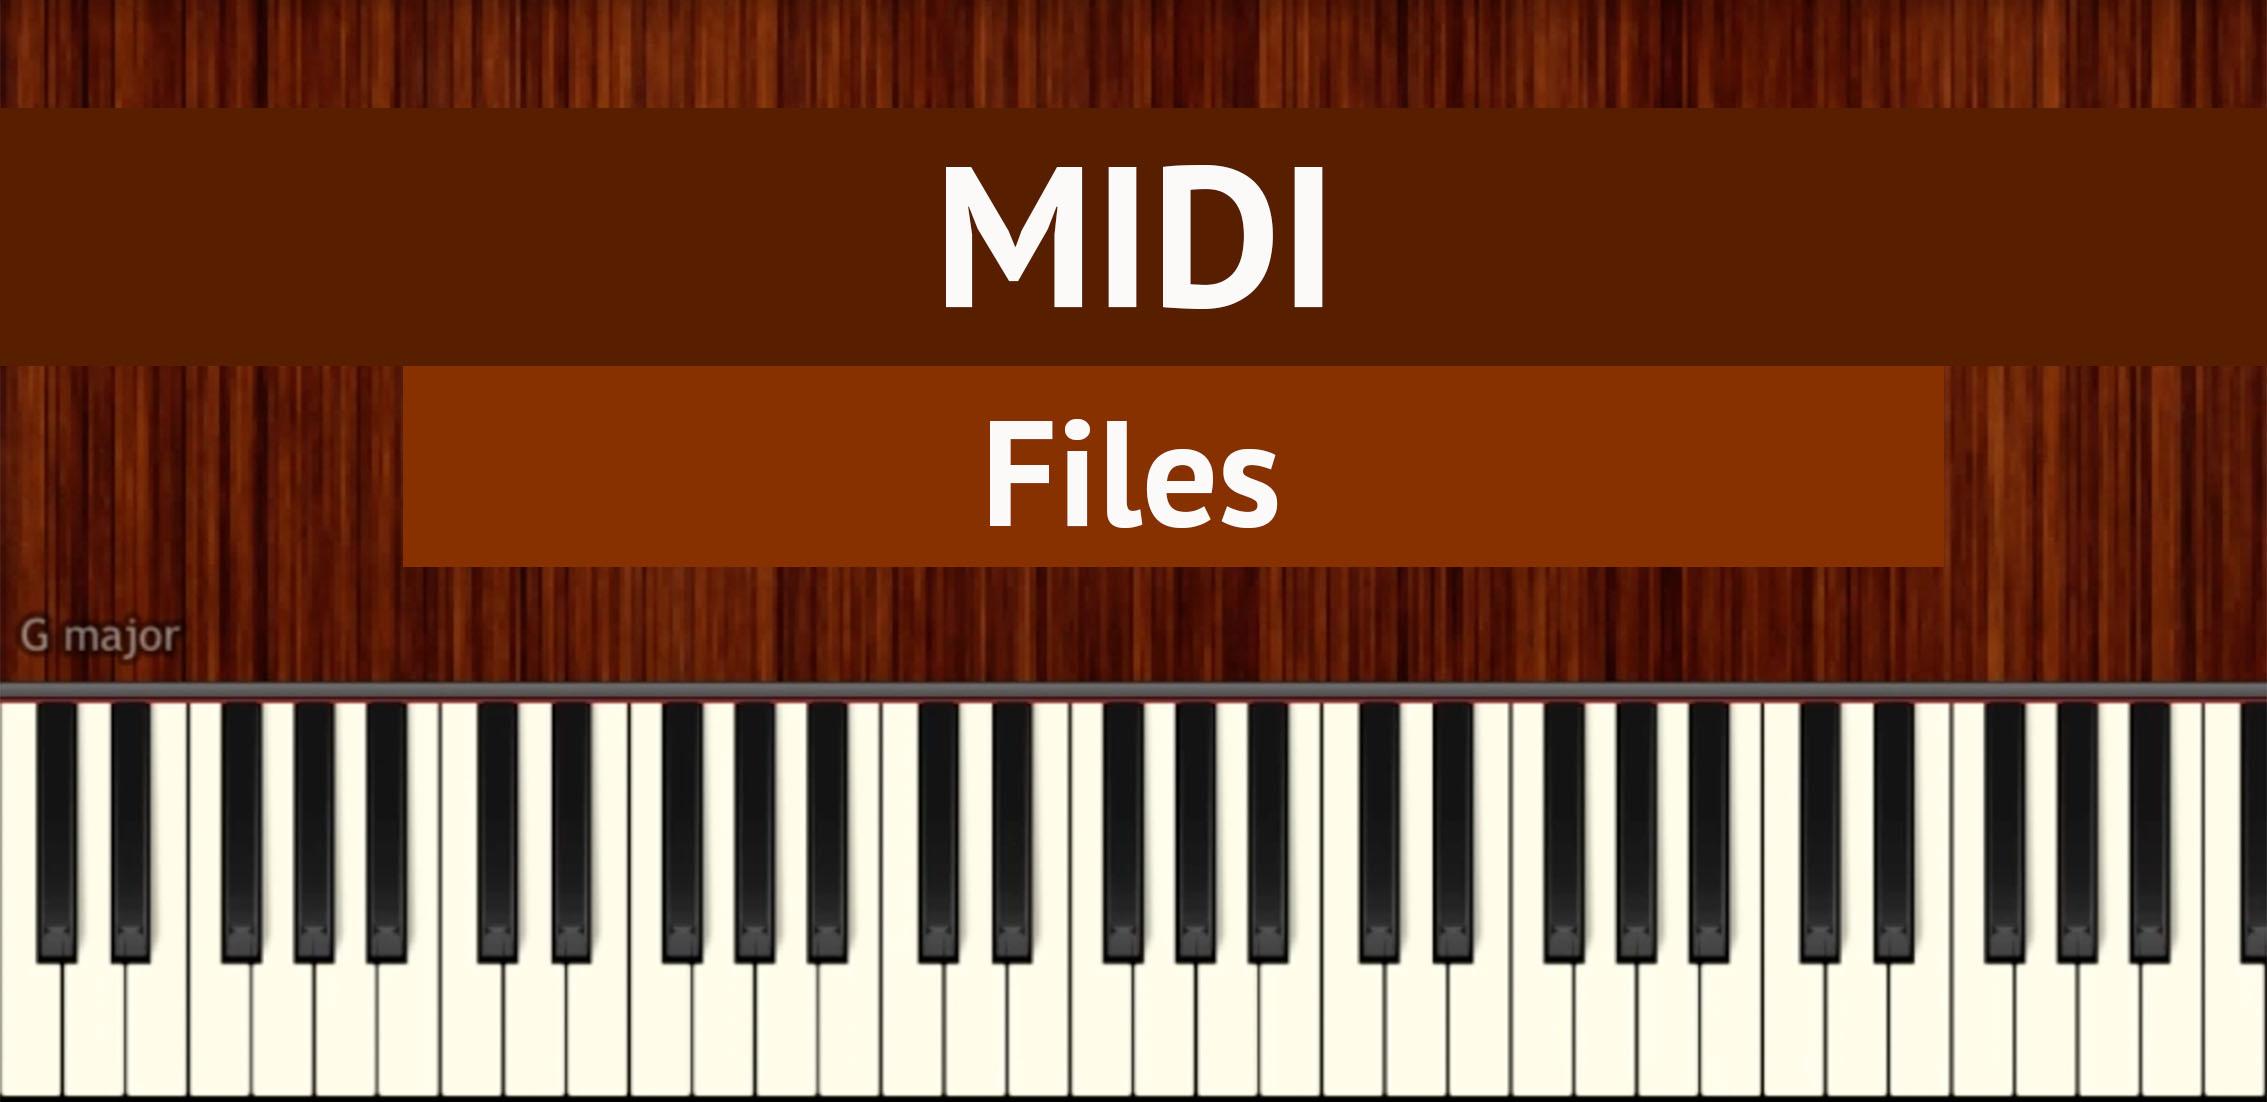 Latest Hindi Song MIDI Files | Bollypiano